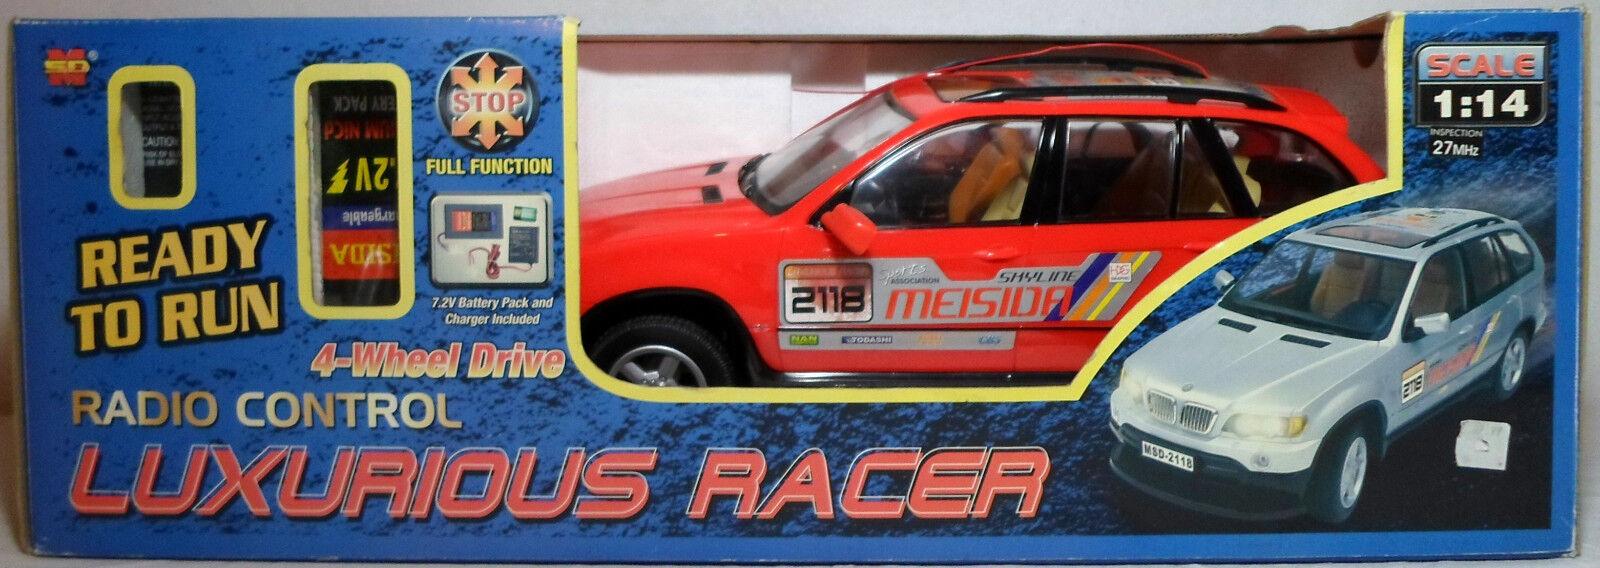 Msd VTG 90 lujosas Racer 4wd 1 14 13  27 Mhz R c MIB de trabajo Htf Raro Nuevo